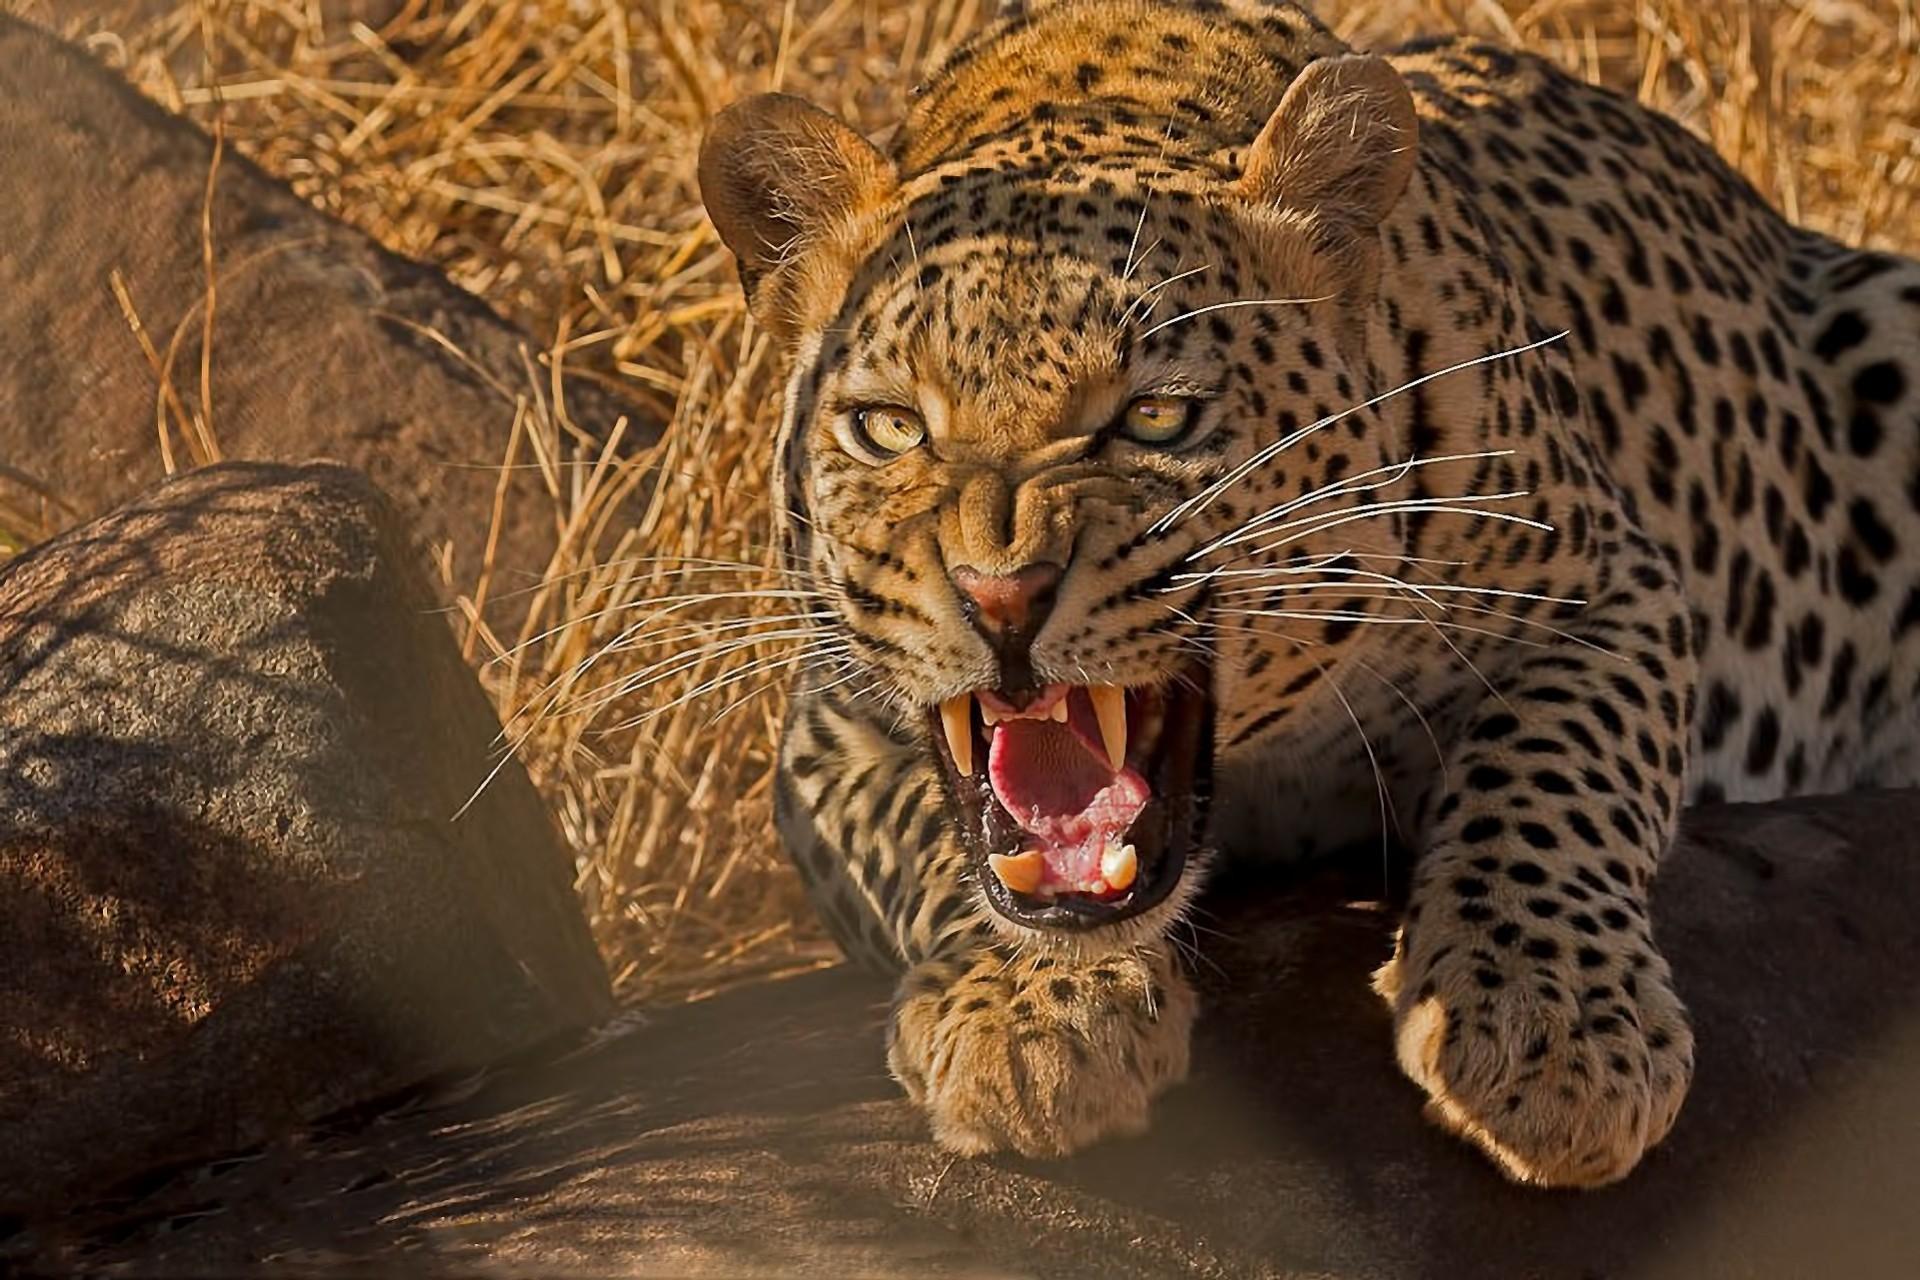 предназночение красивые картинки с дикими хищными животными обжариваю